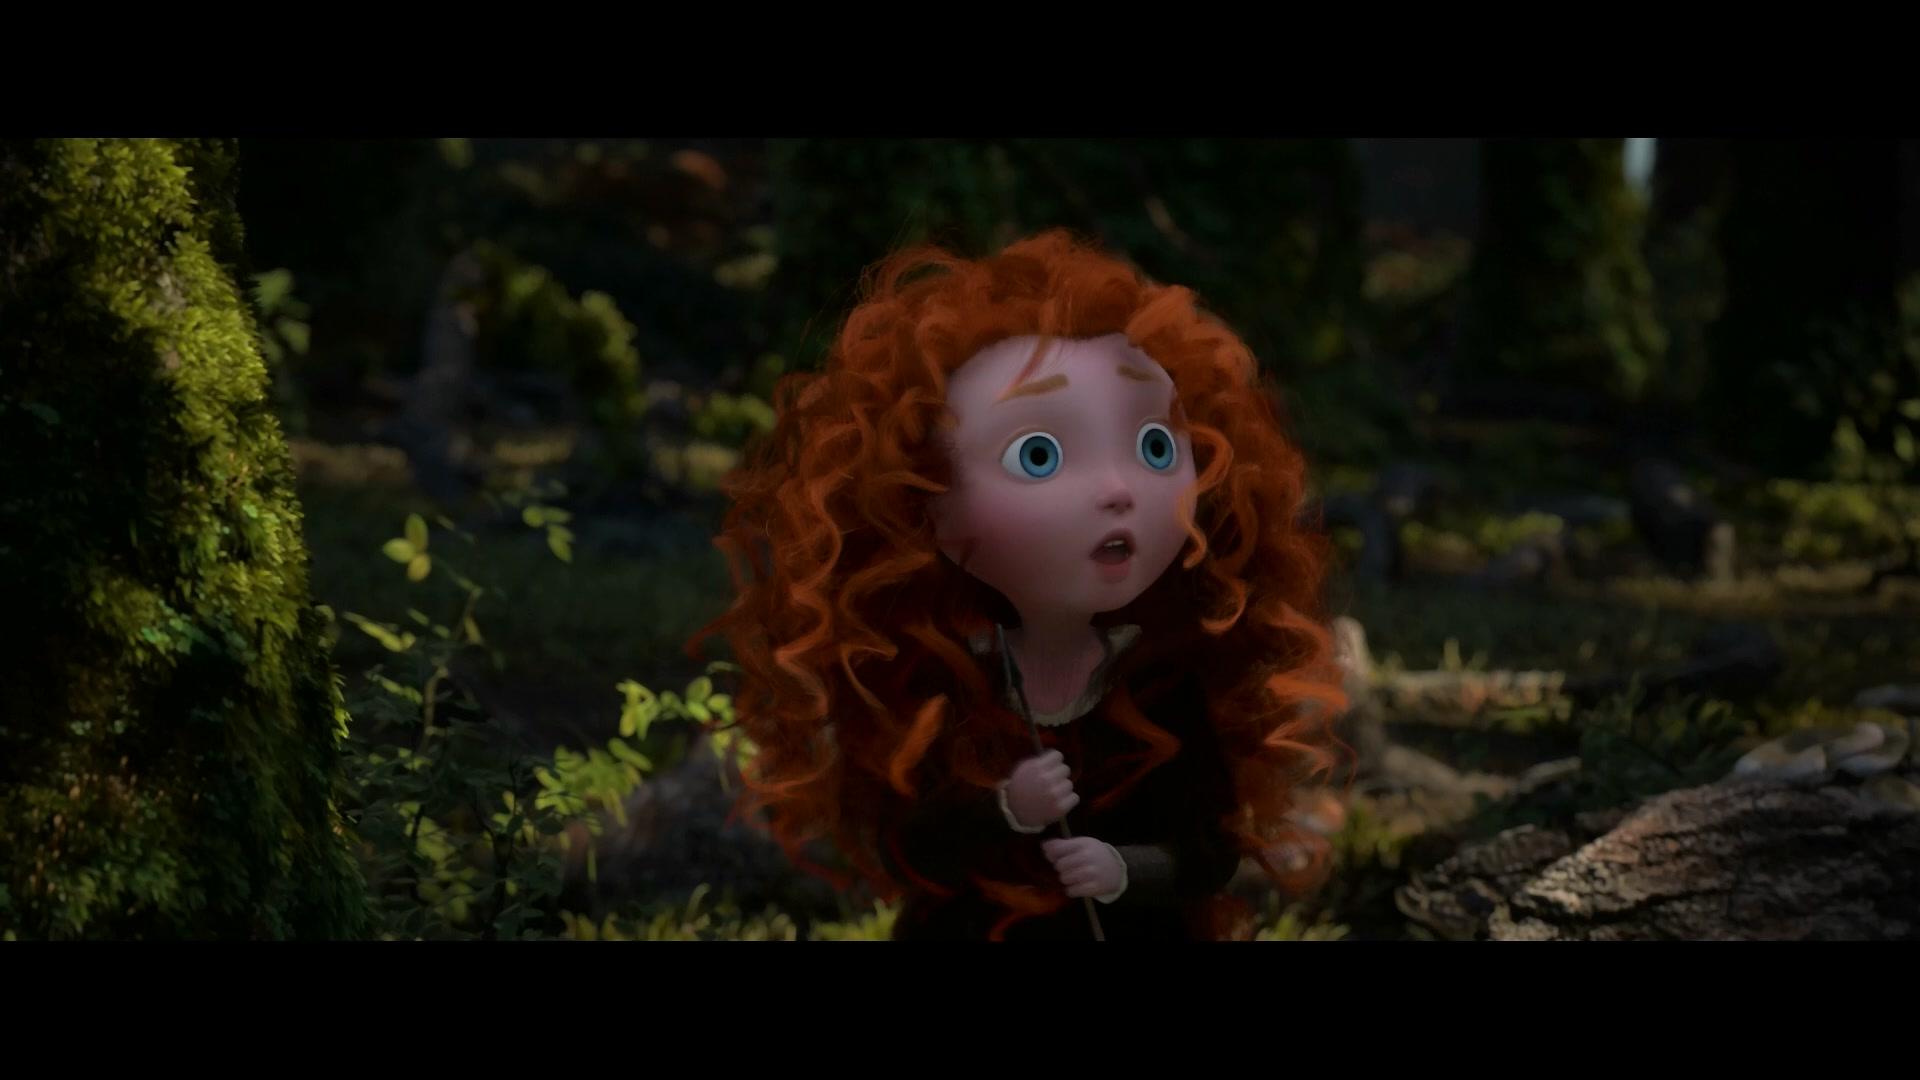 盘点迪士尼公主们的超萌小时候,超Q的小脸蛋让大家都融化了!插图13